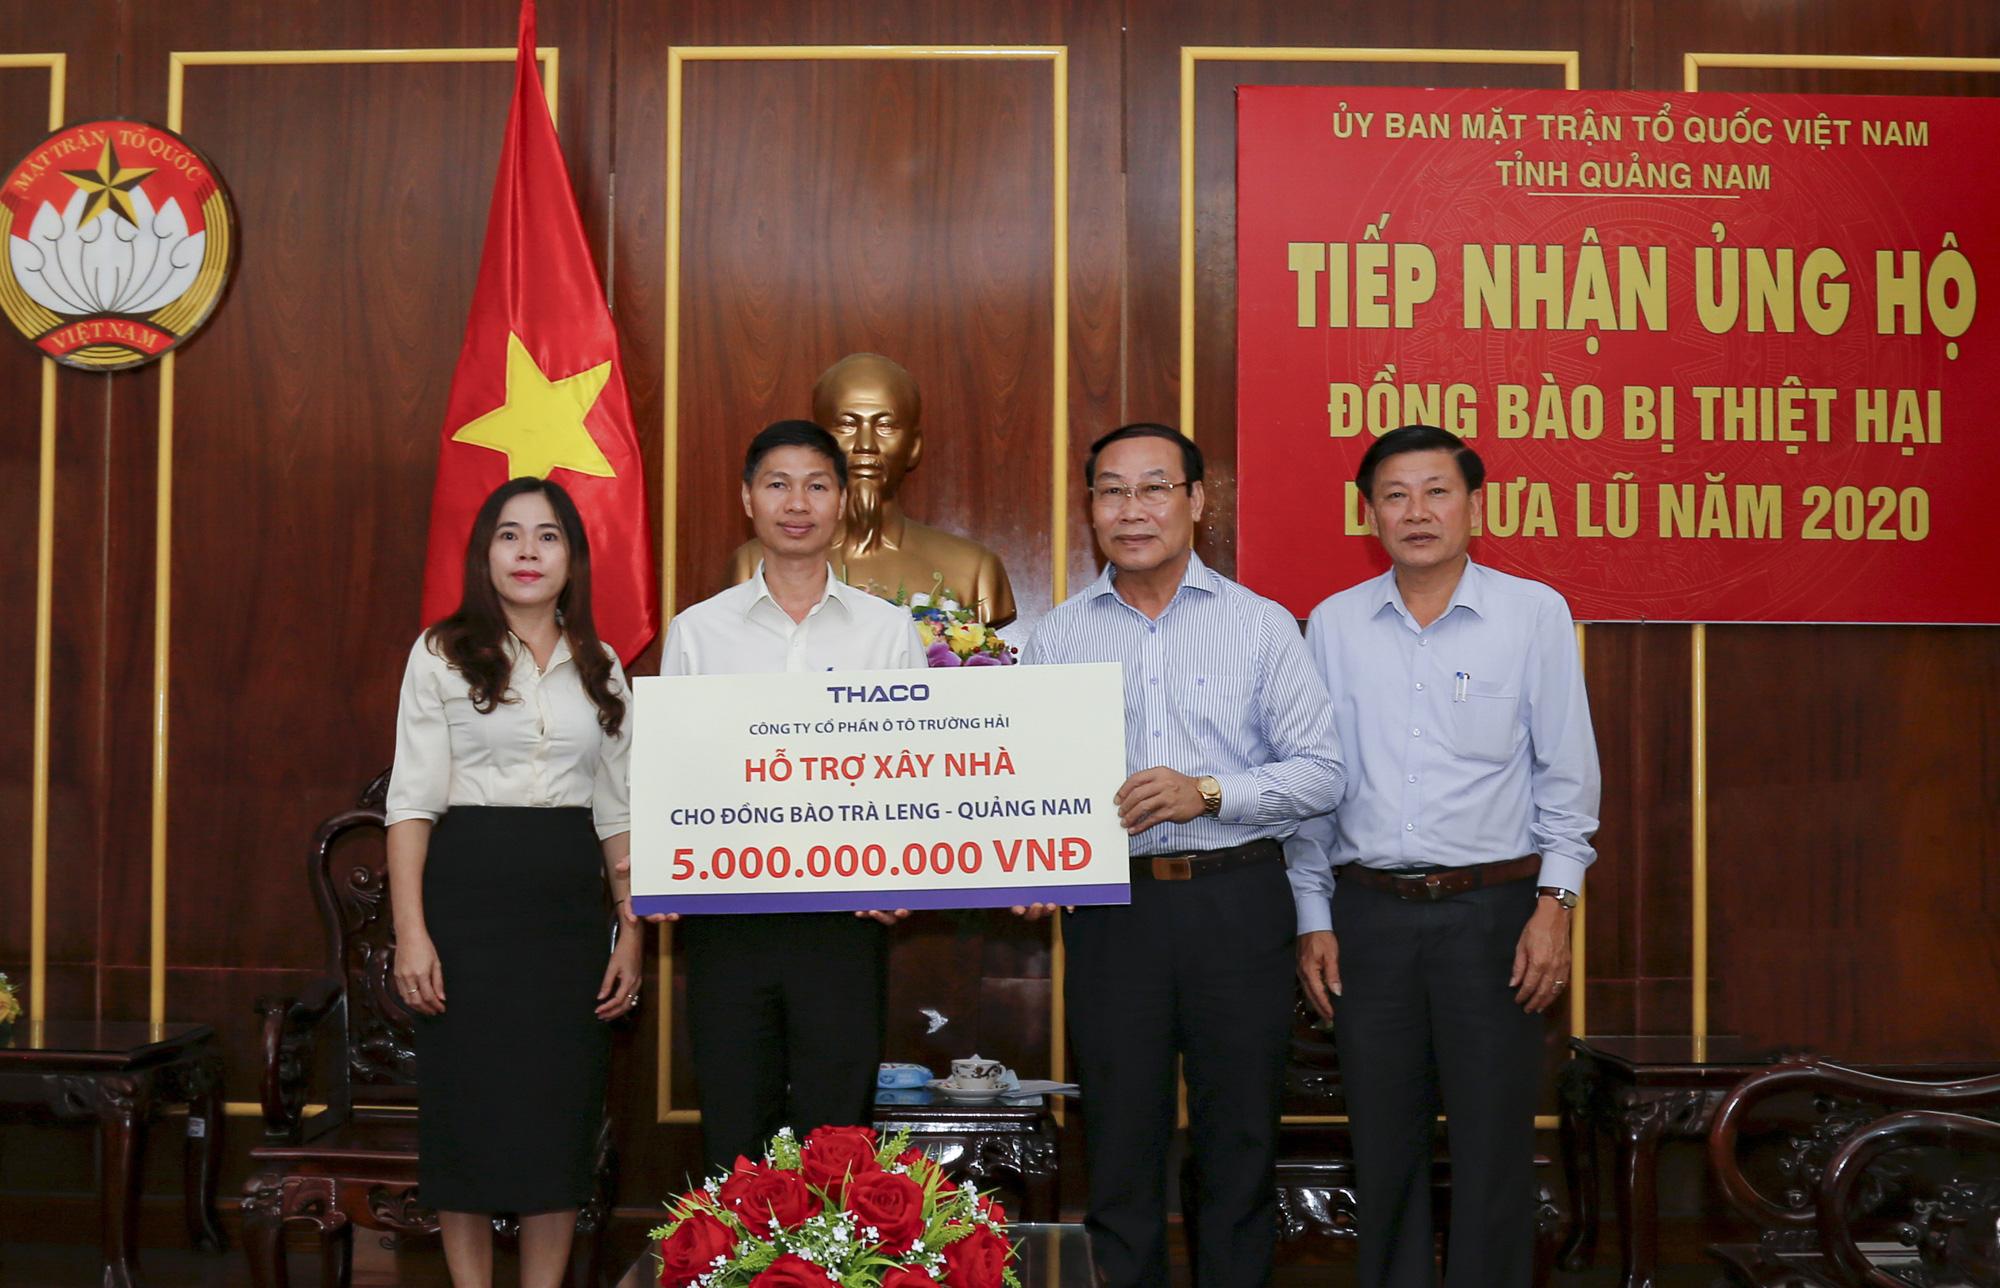 THACO hỗ trợ xây dựng lại ngôi làng cho đồng bào Trà Leng - Quảng Nam - Ảnh 1.